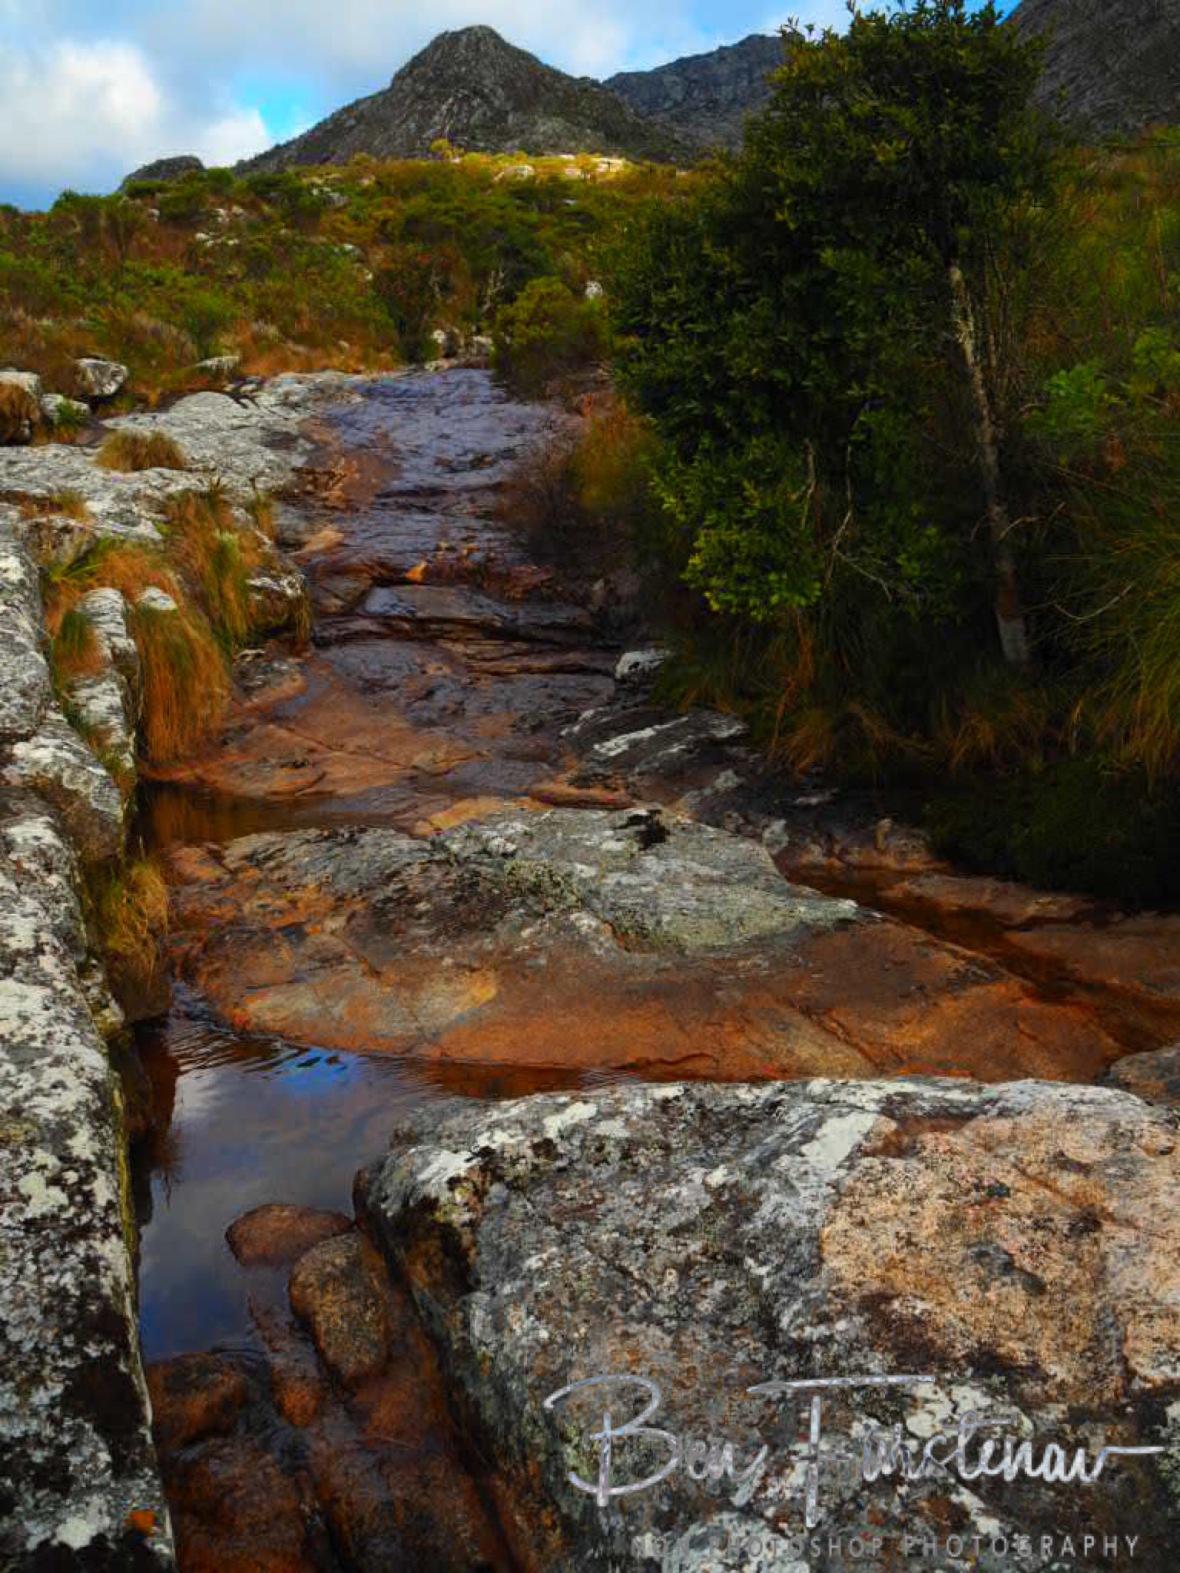 Creek flow from Mulanje Mountains, Malawi